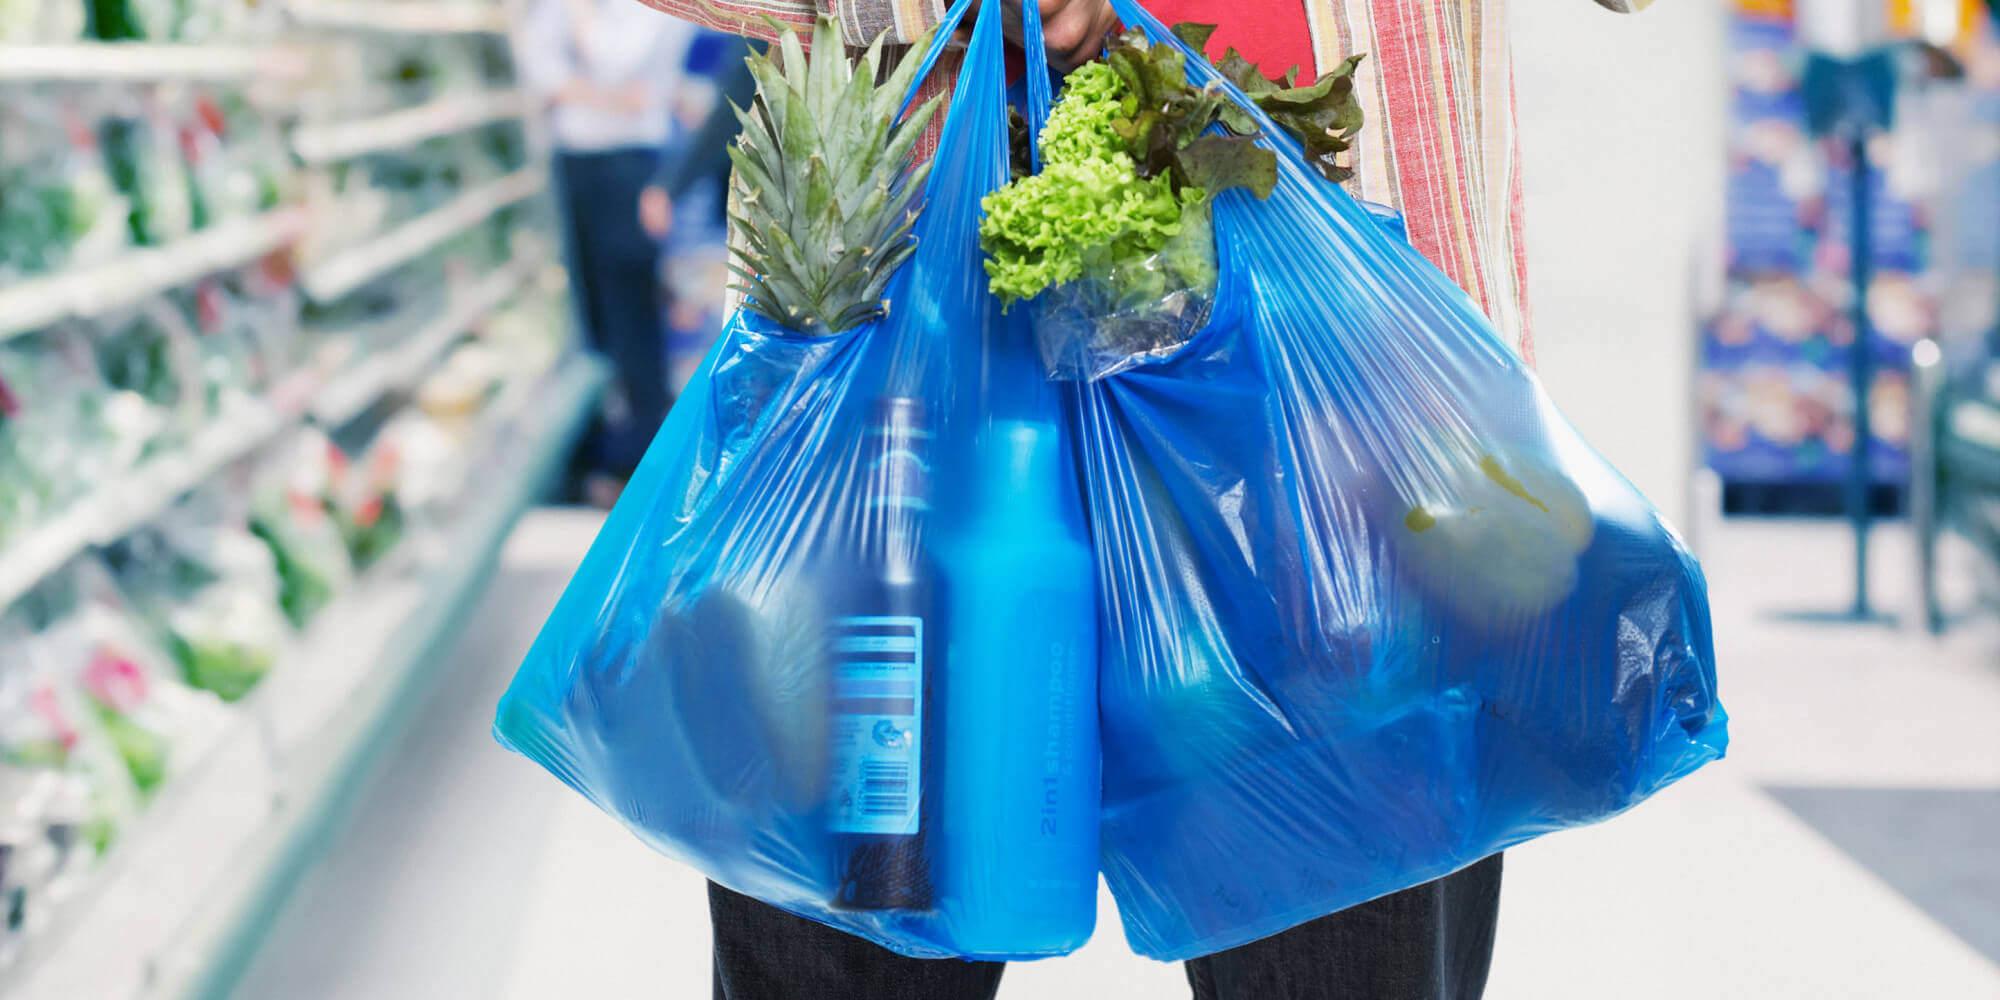 Во французских супермаркетах запретили полиэтиленовые пакеты